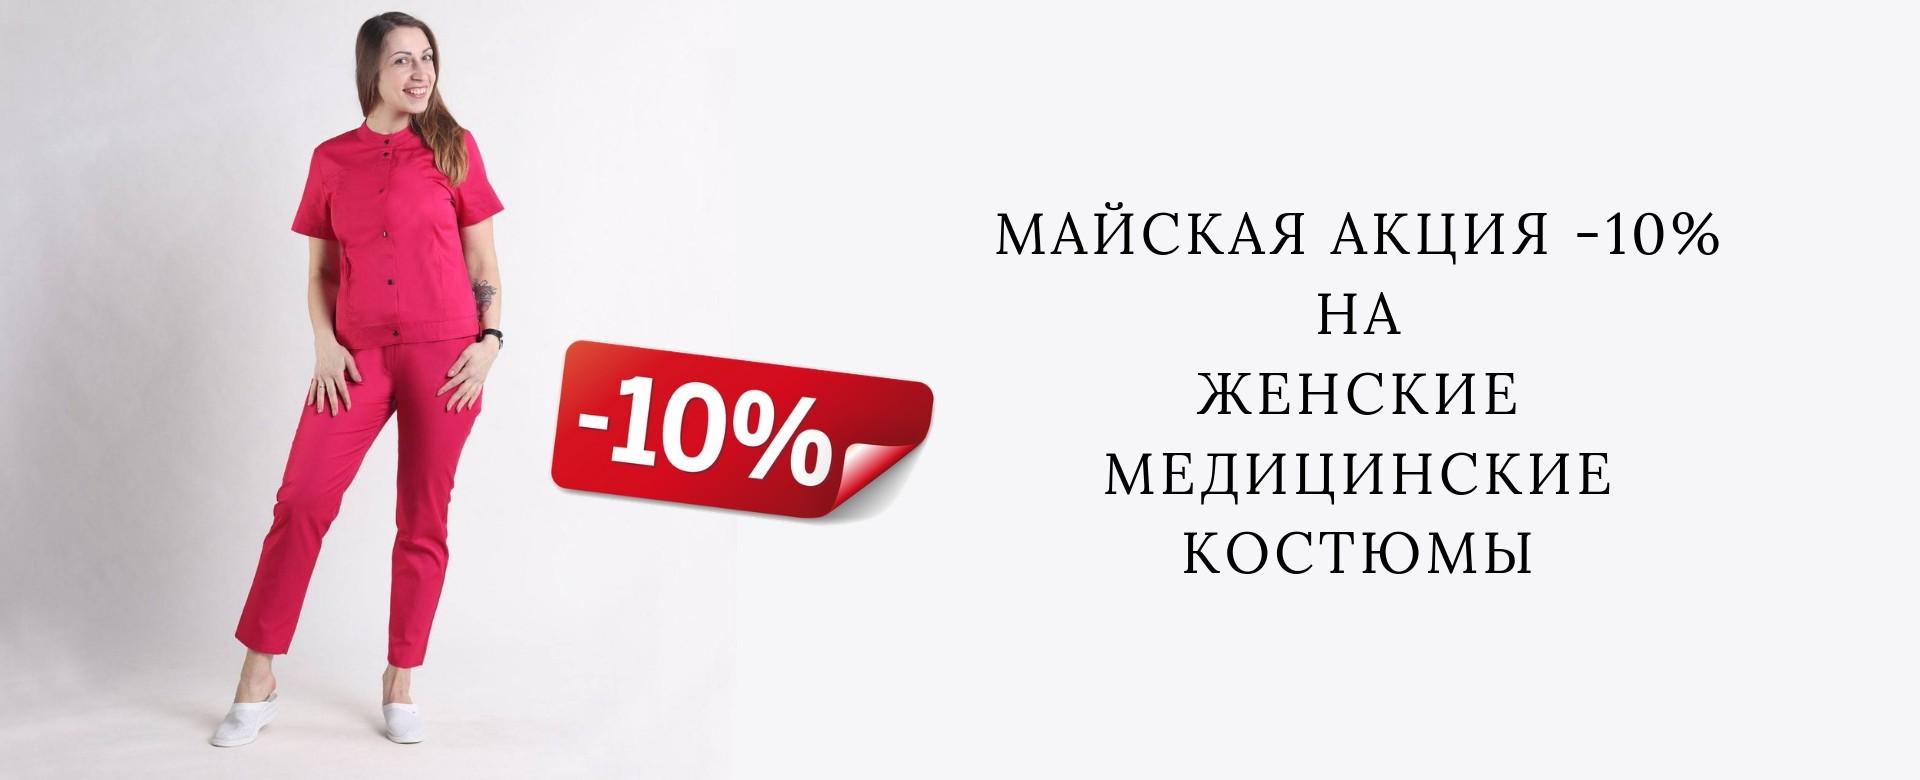 2845e1d6612 медицинские костюмы украина скидка. медицинская одежда оптом и розница